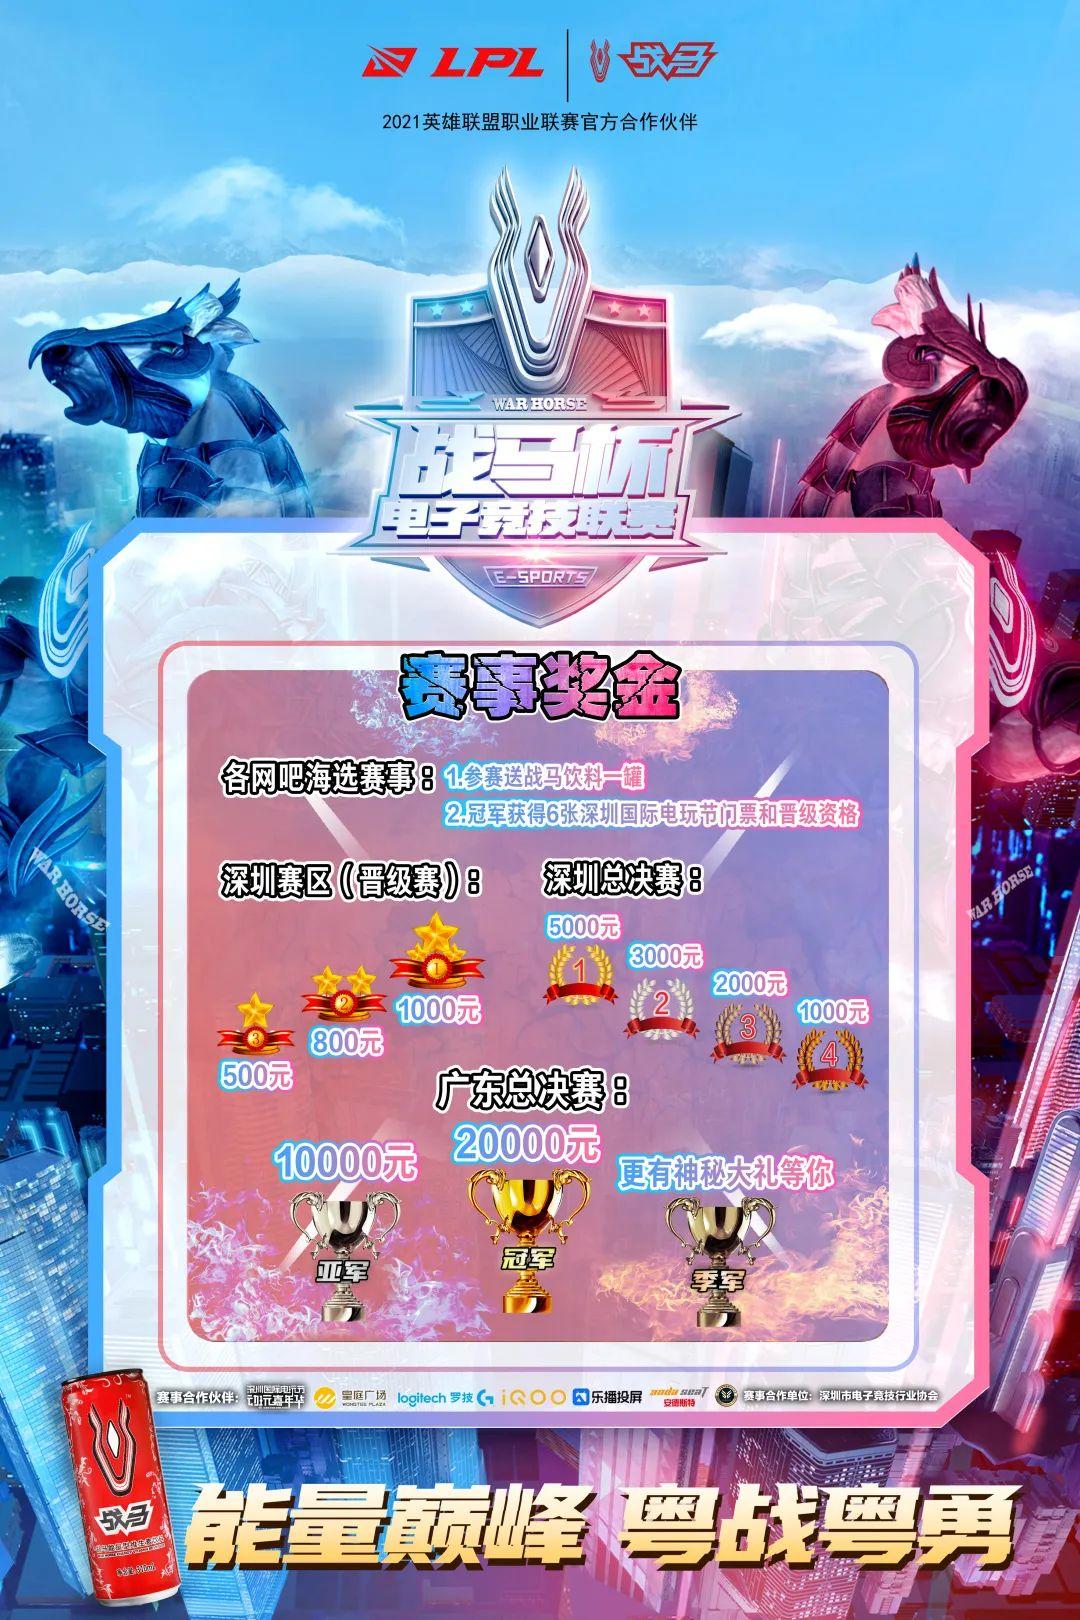 021战马杯电子竞技联赛夏日强势来袭!